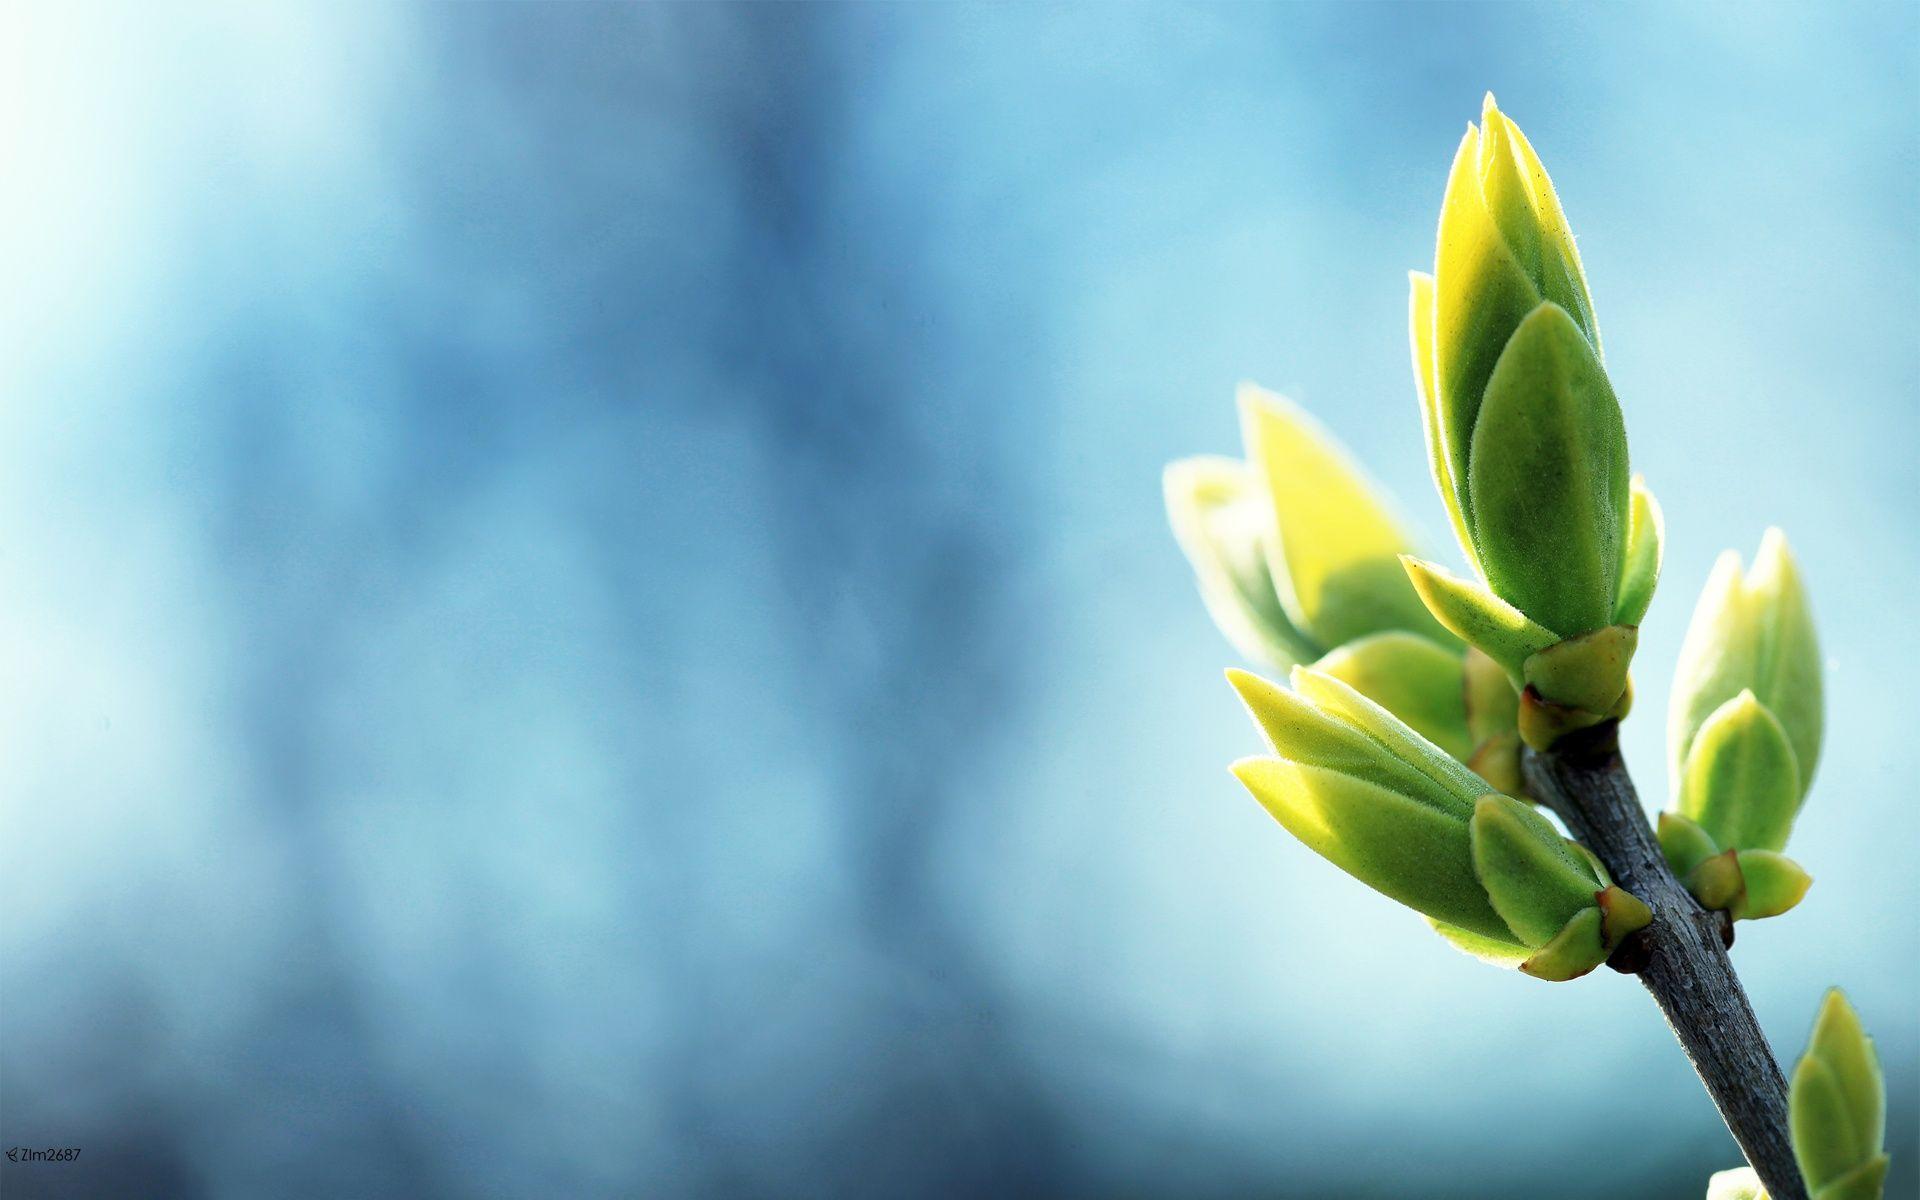 Spring-green. Il dolore genera crepe nell'anima, ma è da quelle che germogliano i fiori. Antonio Curnetta